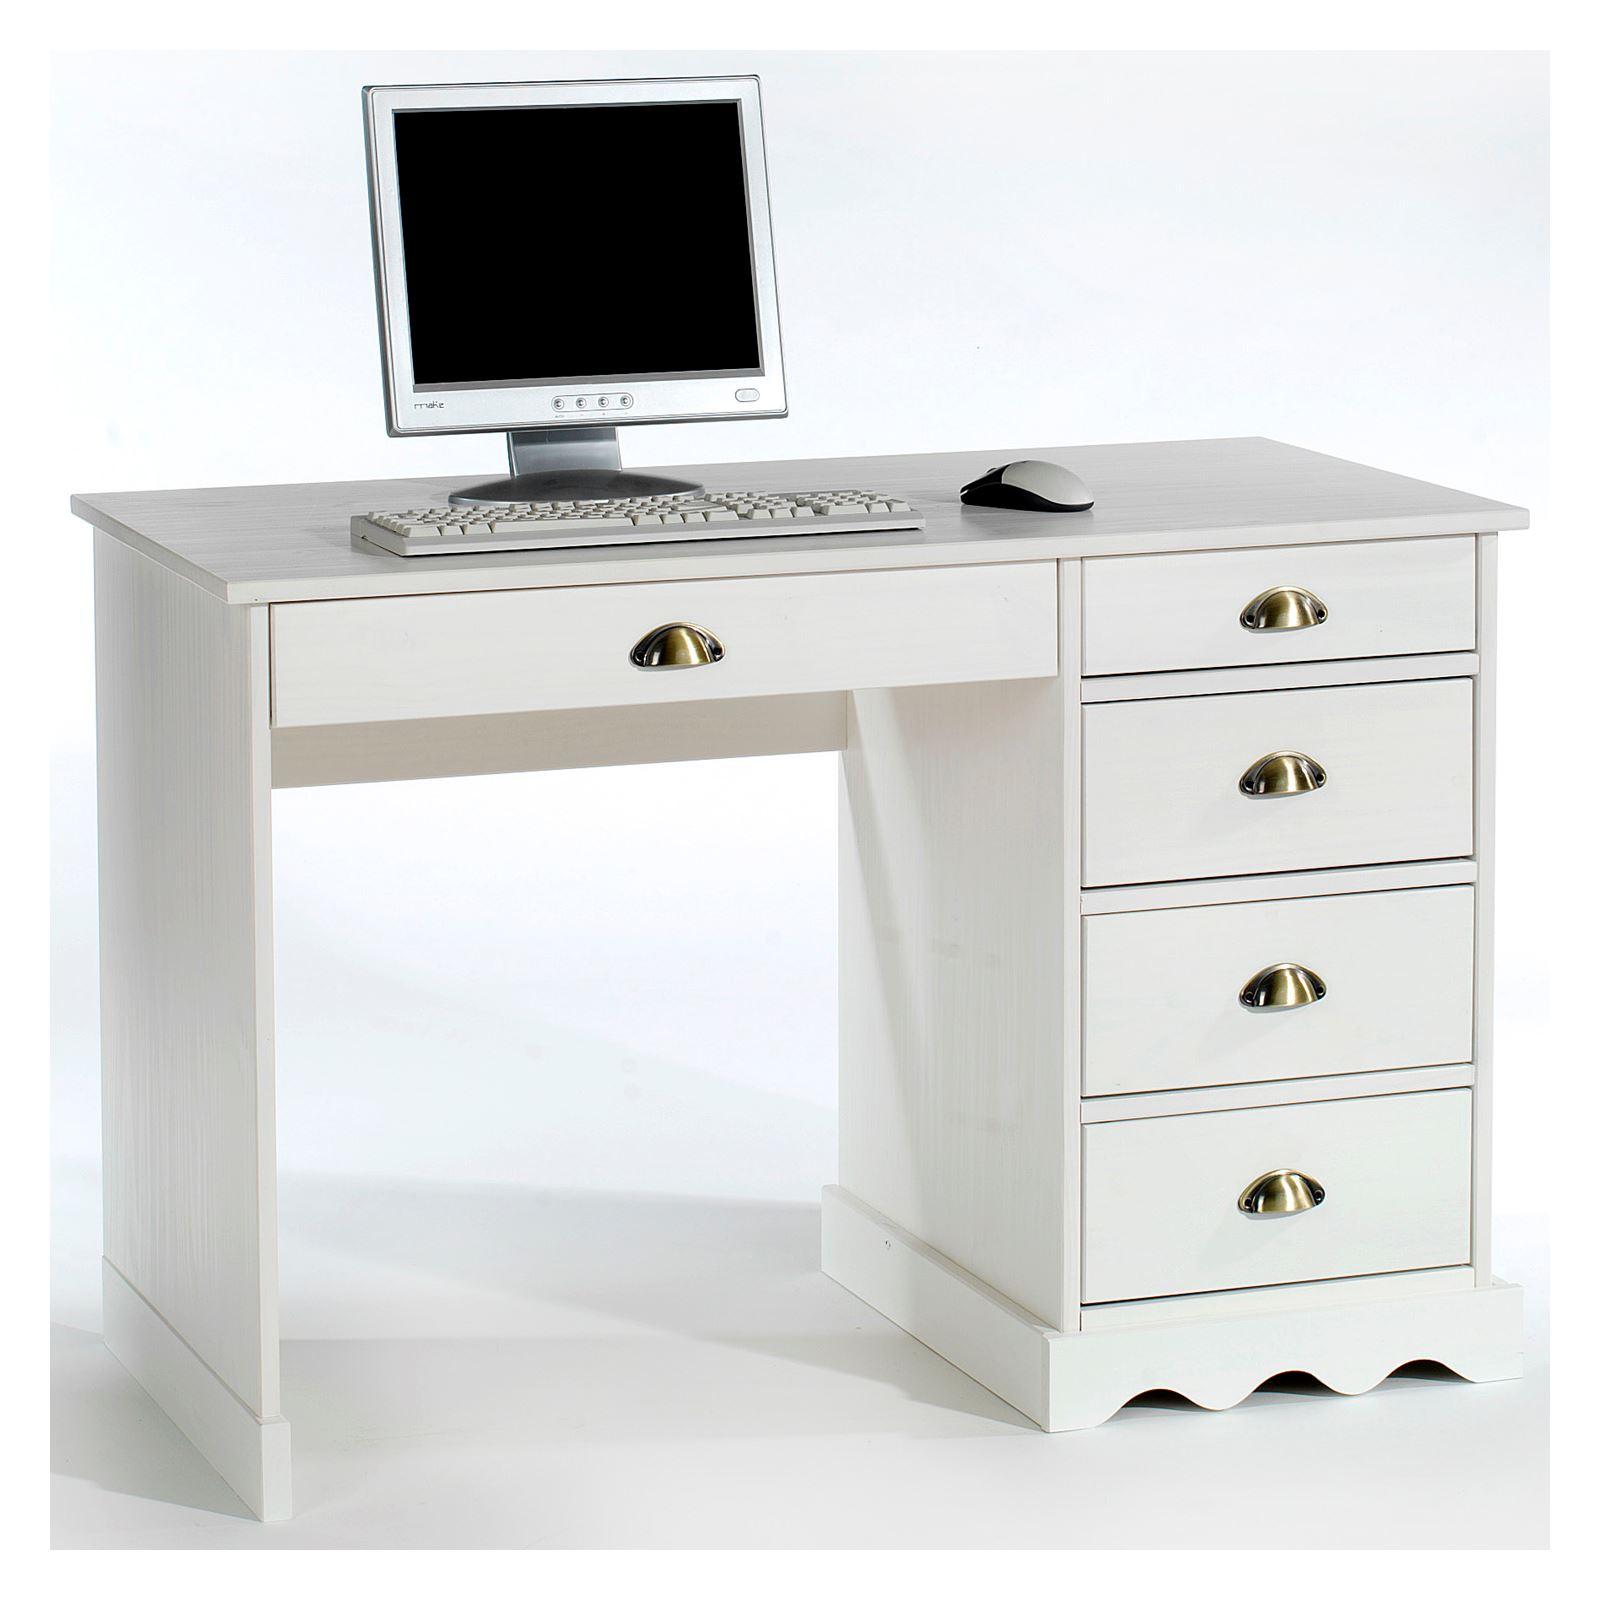 schreibtisch colette in der farbe wei mobilia24. Black Bedroom Furniture Sets. Home Design Ideas